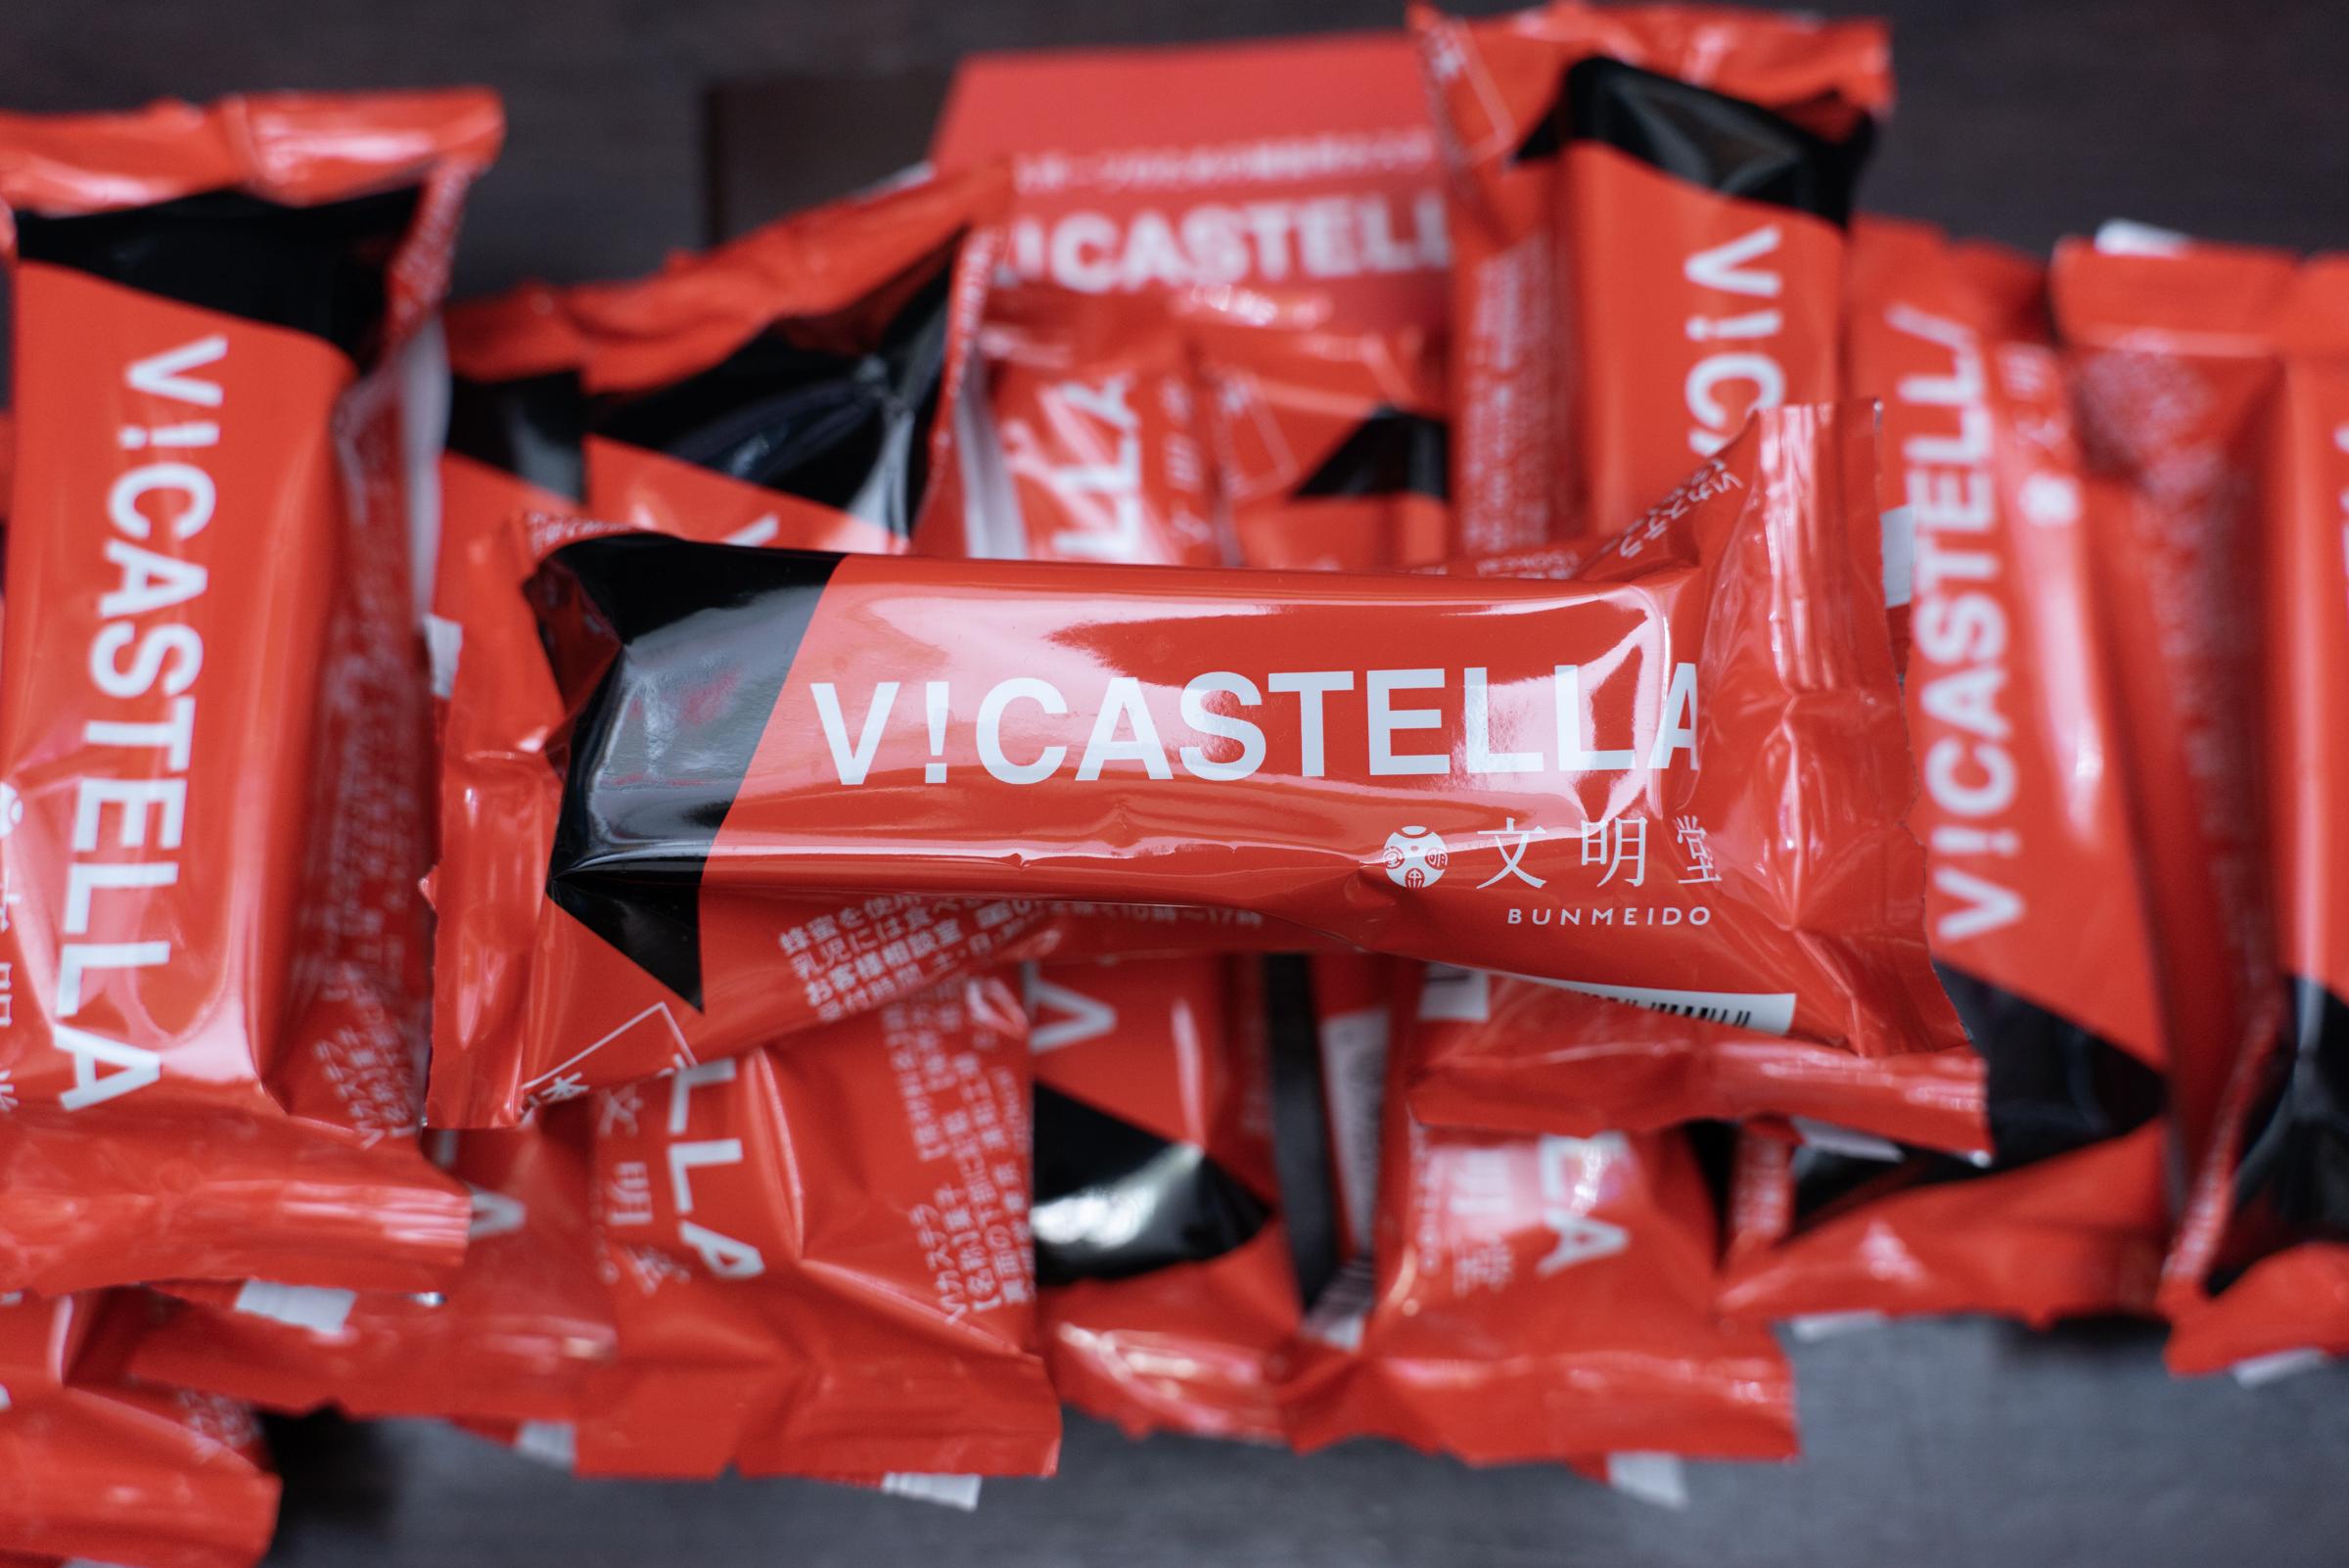 文明堂がスポーツのために開発した「V!カステラ」を普通のカステラと食べ比べてみた / 甘くてもっちりでヘヴィな仕上がり